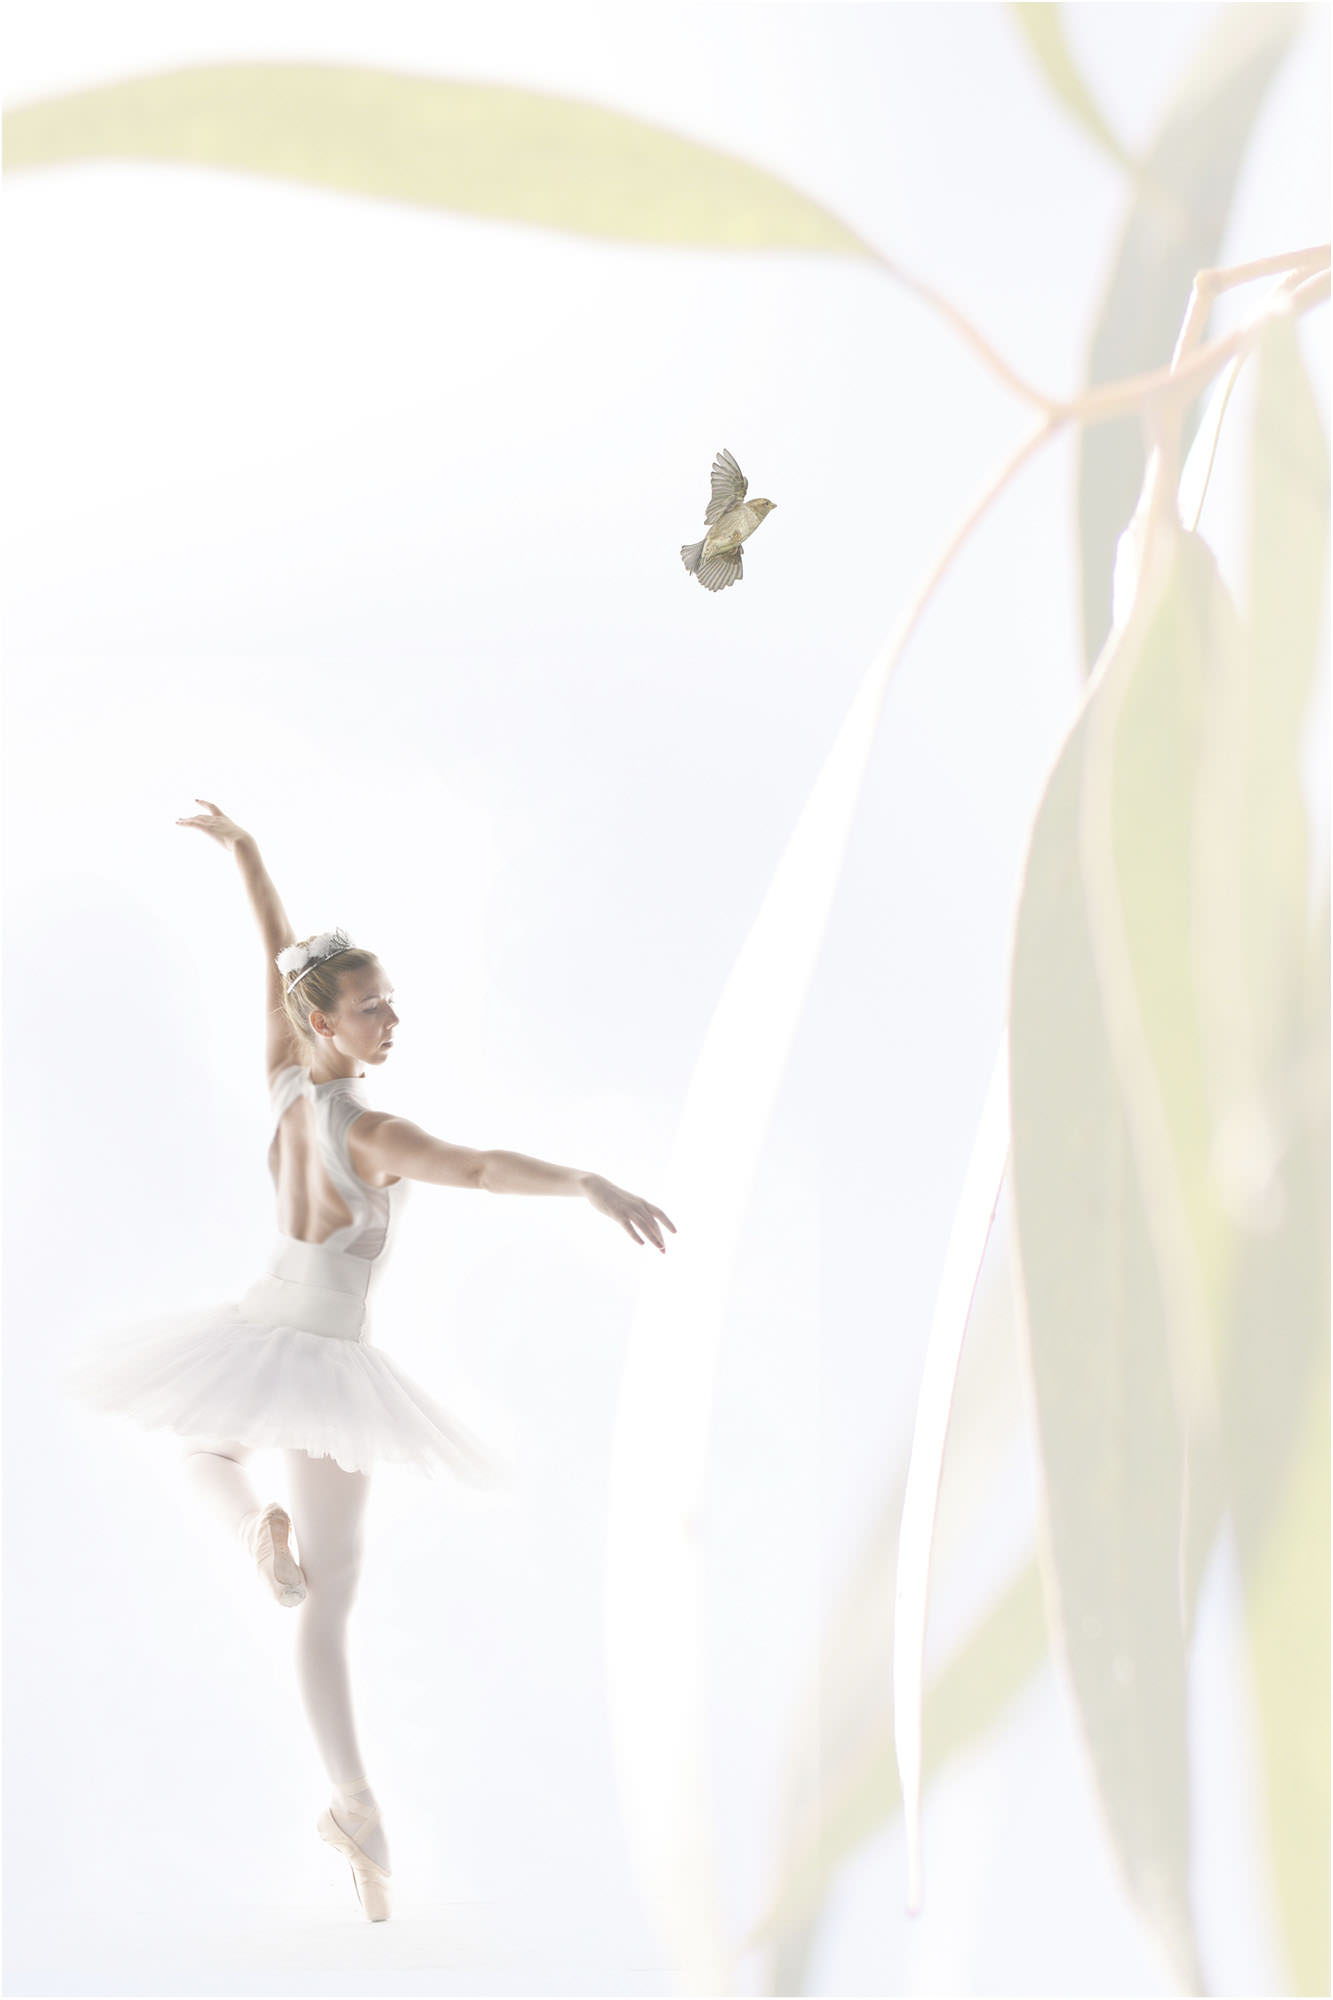 Exquisite Dancer